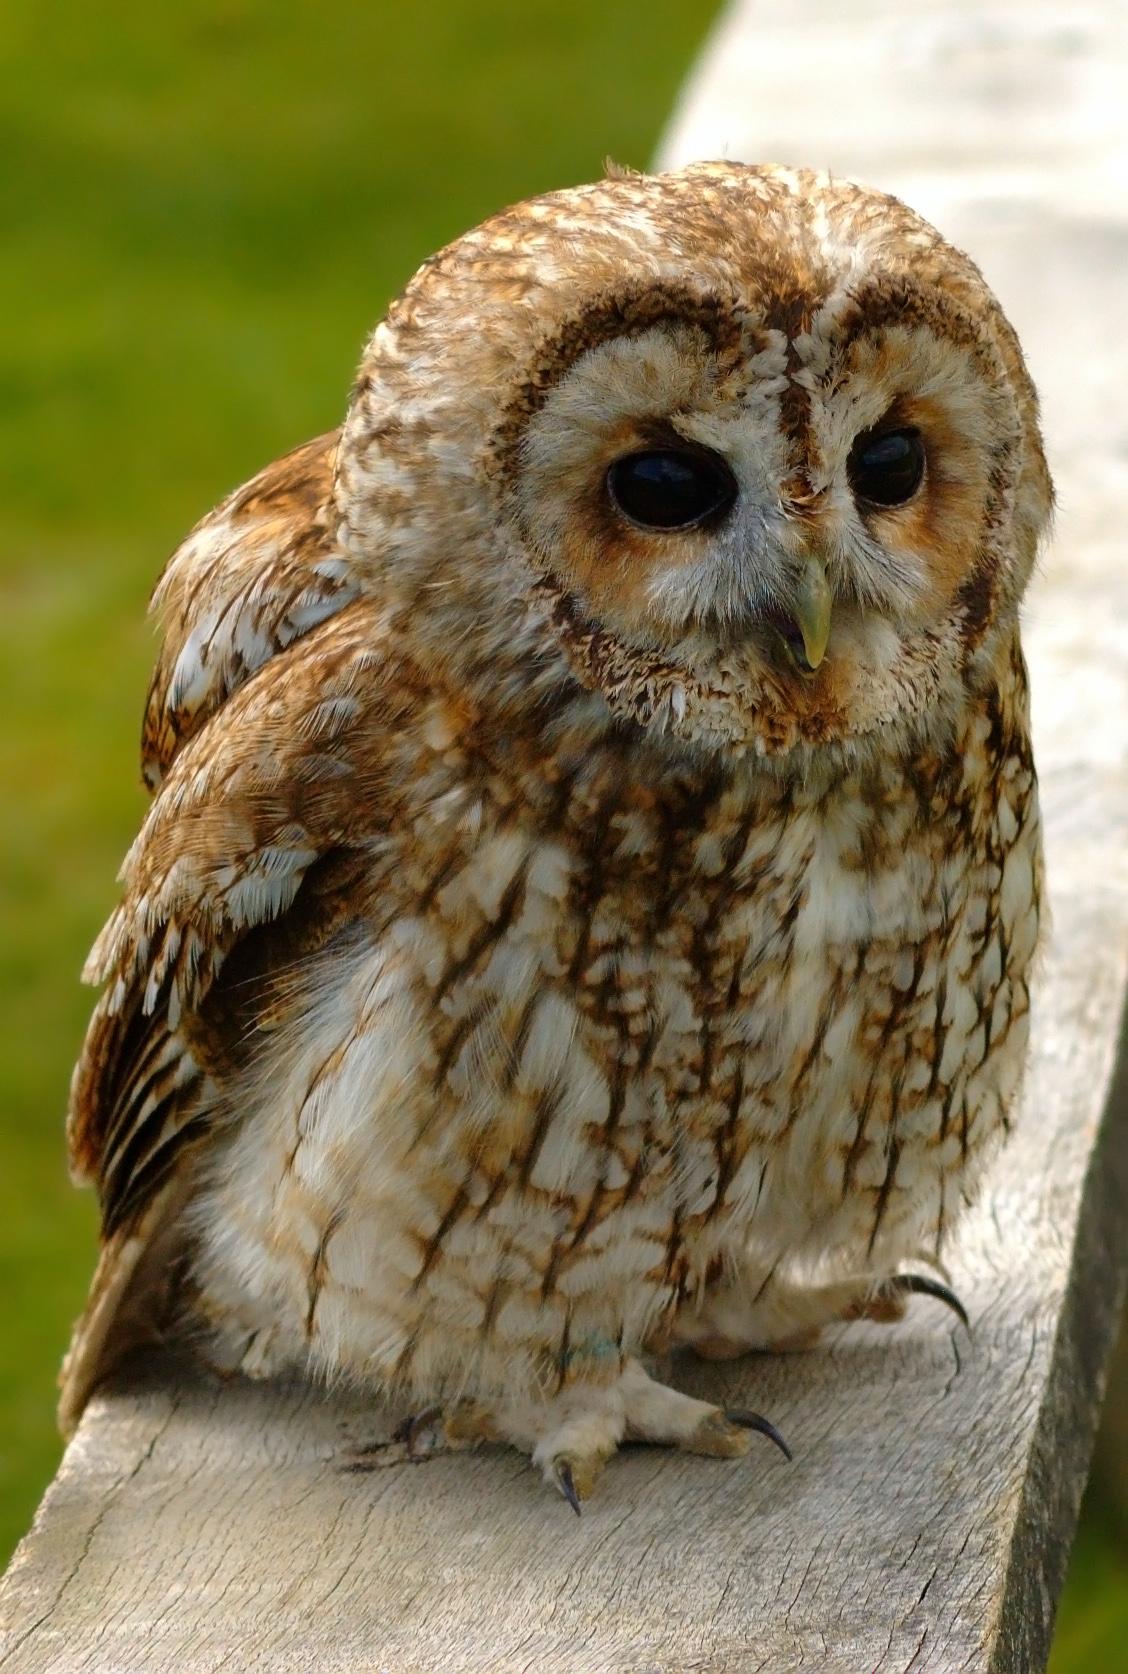 a ragadozó és a zsákmány látása ellenőrizze a látásélességét